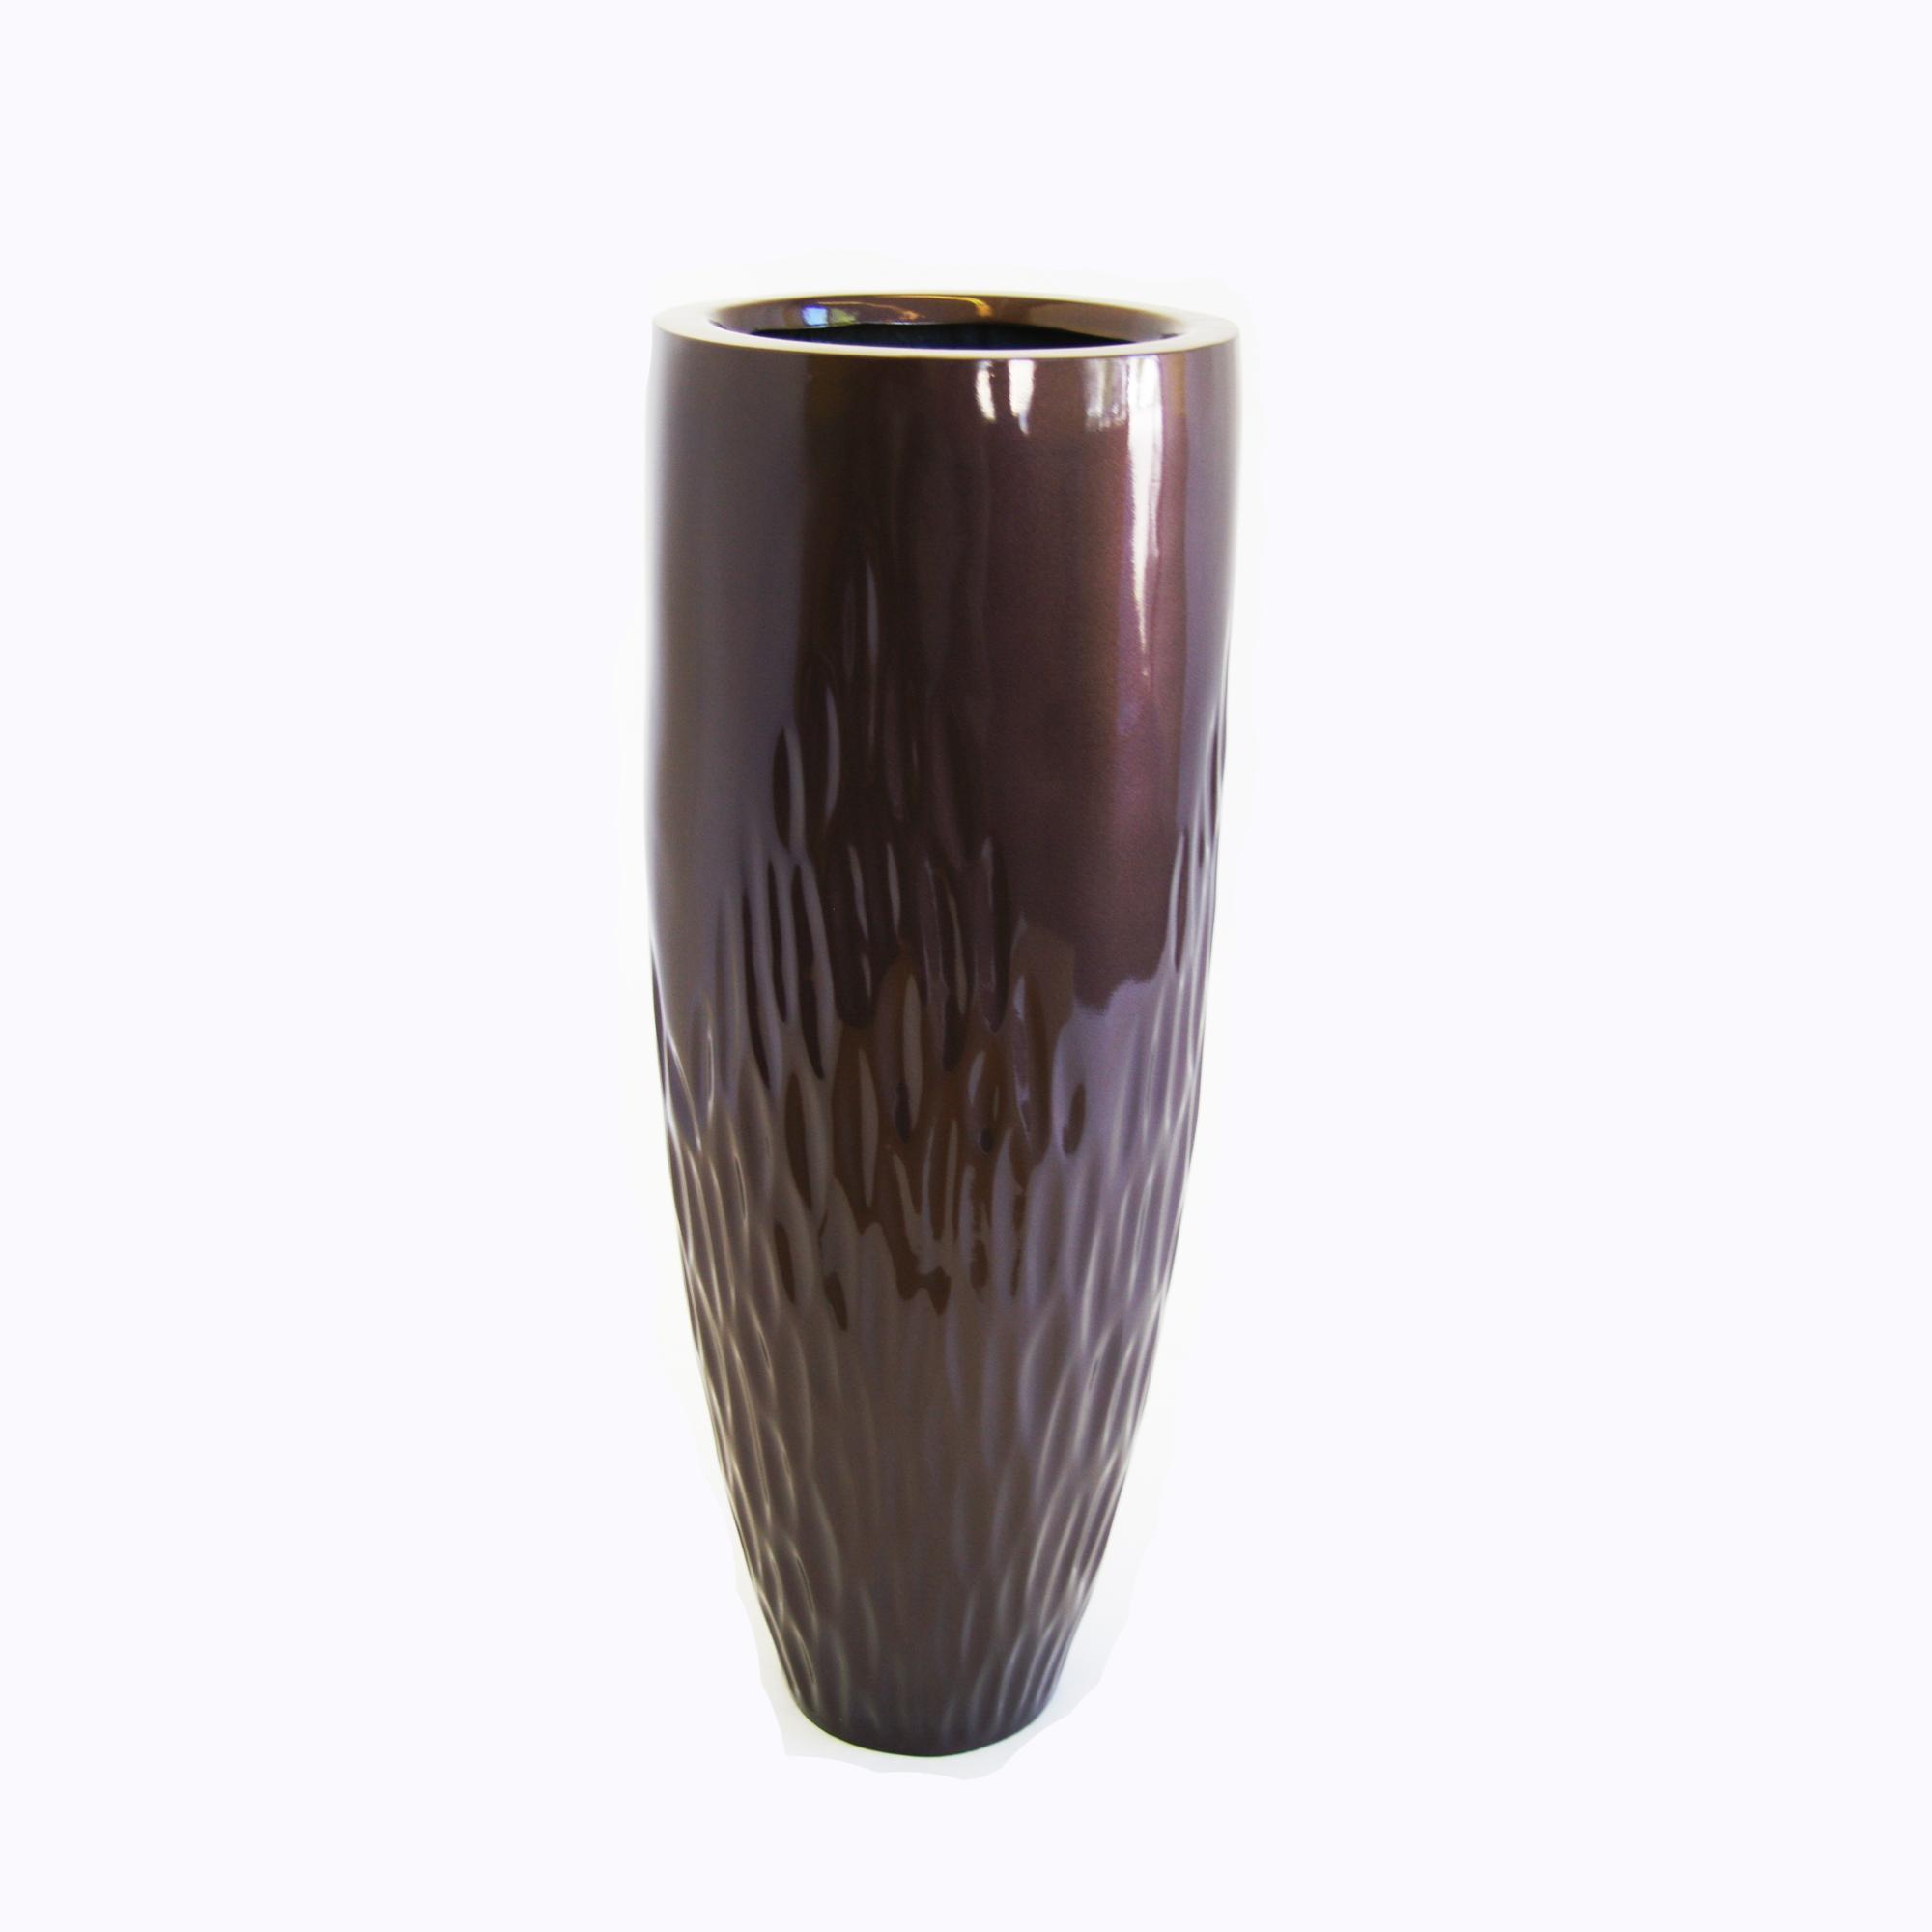 LEAF vase in dark bronze